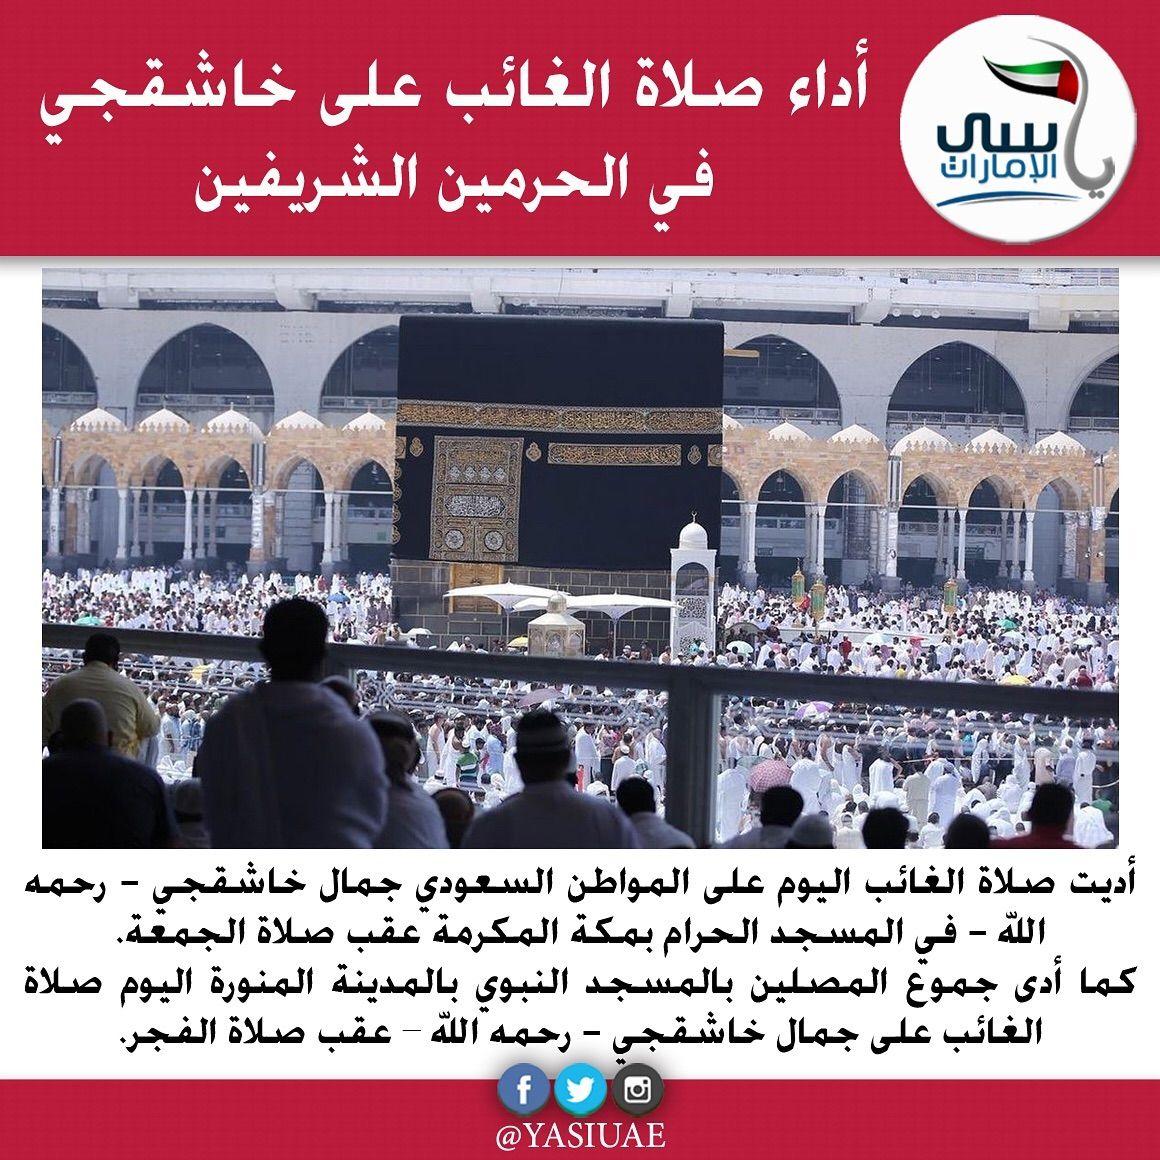 السعودية أديت صلاة الغائب اليوم على المواطن السعودي جمال خاشقجي رحمه الله في المسجد الحرام بمكة المكرمة عقب صلاة الجمعة كما Taj Mahal Landmarks Travel